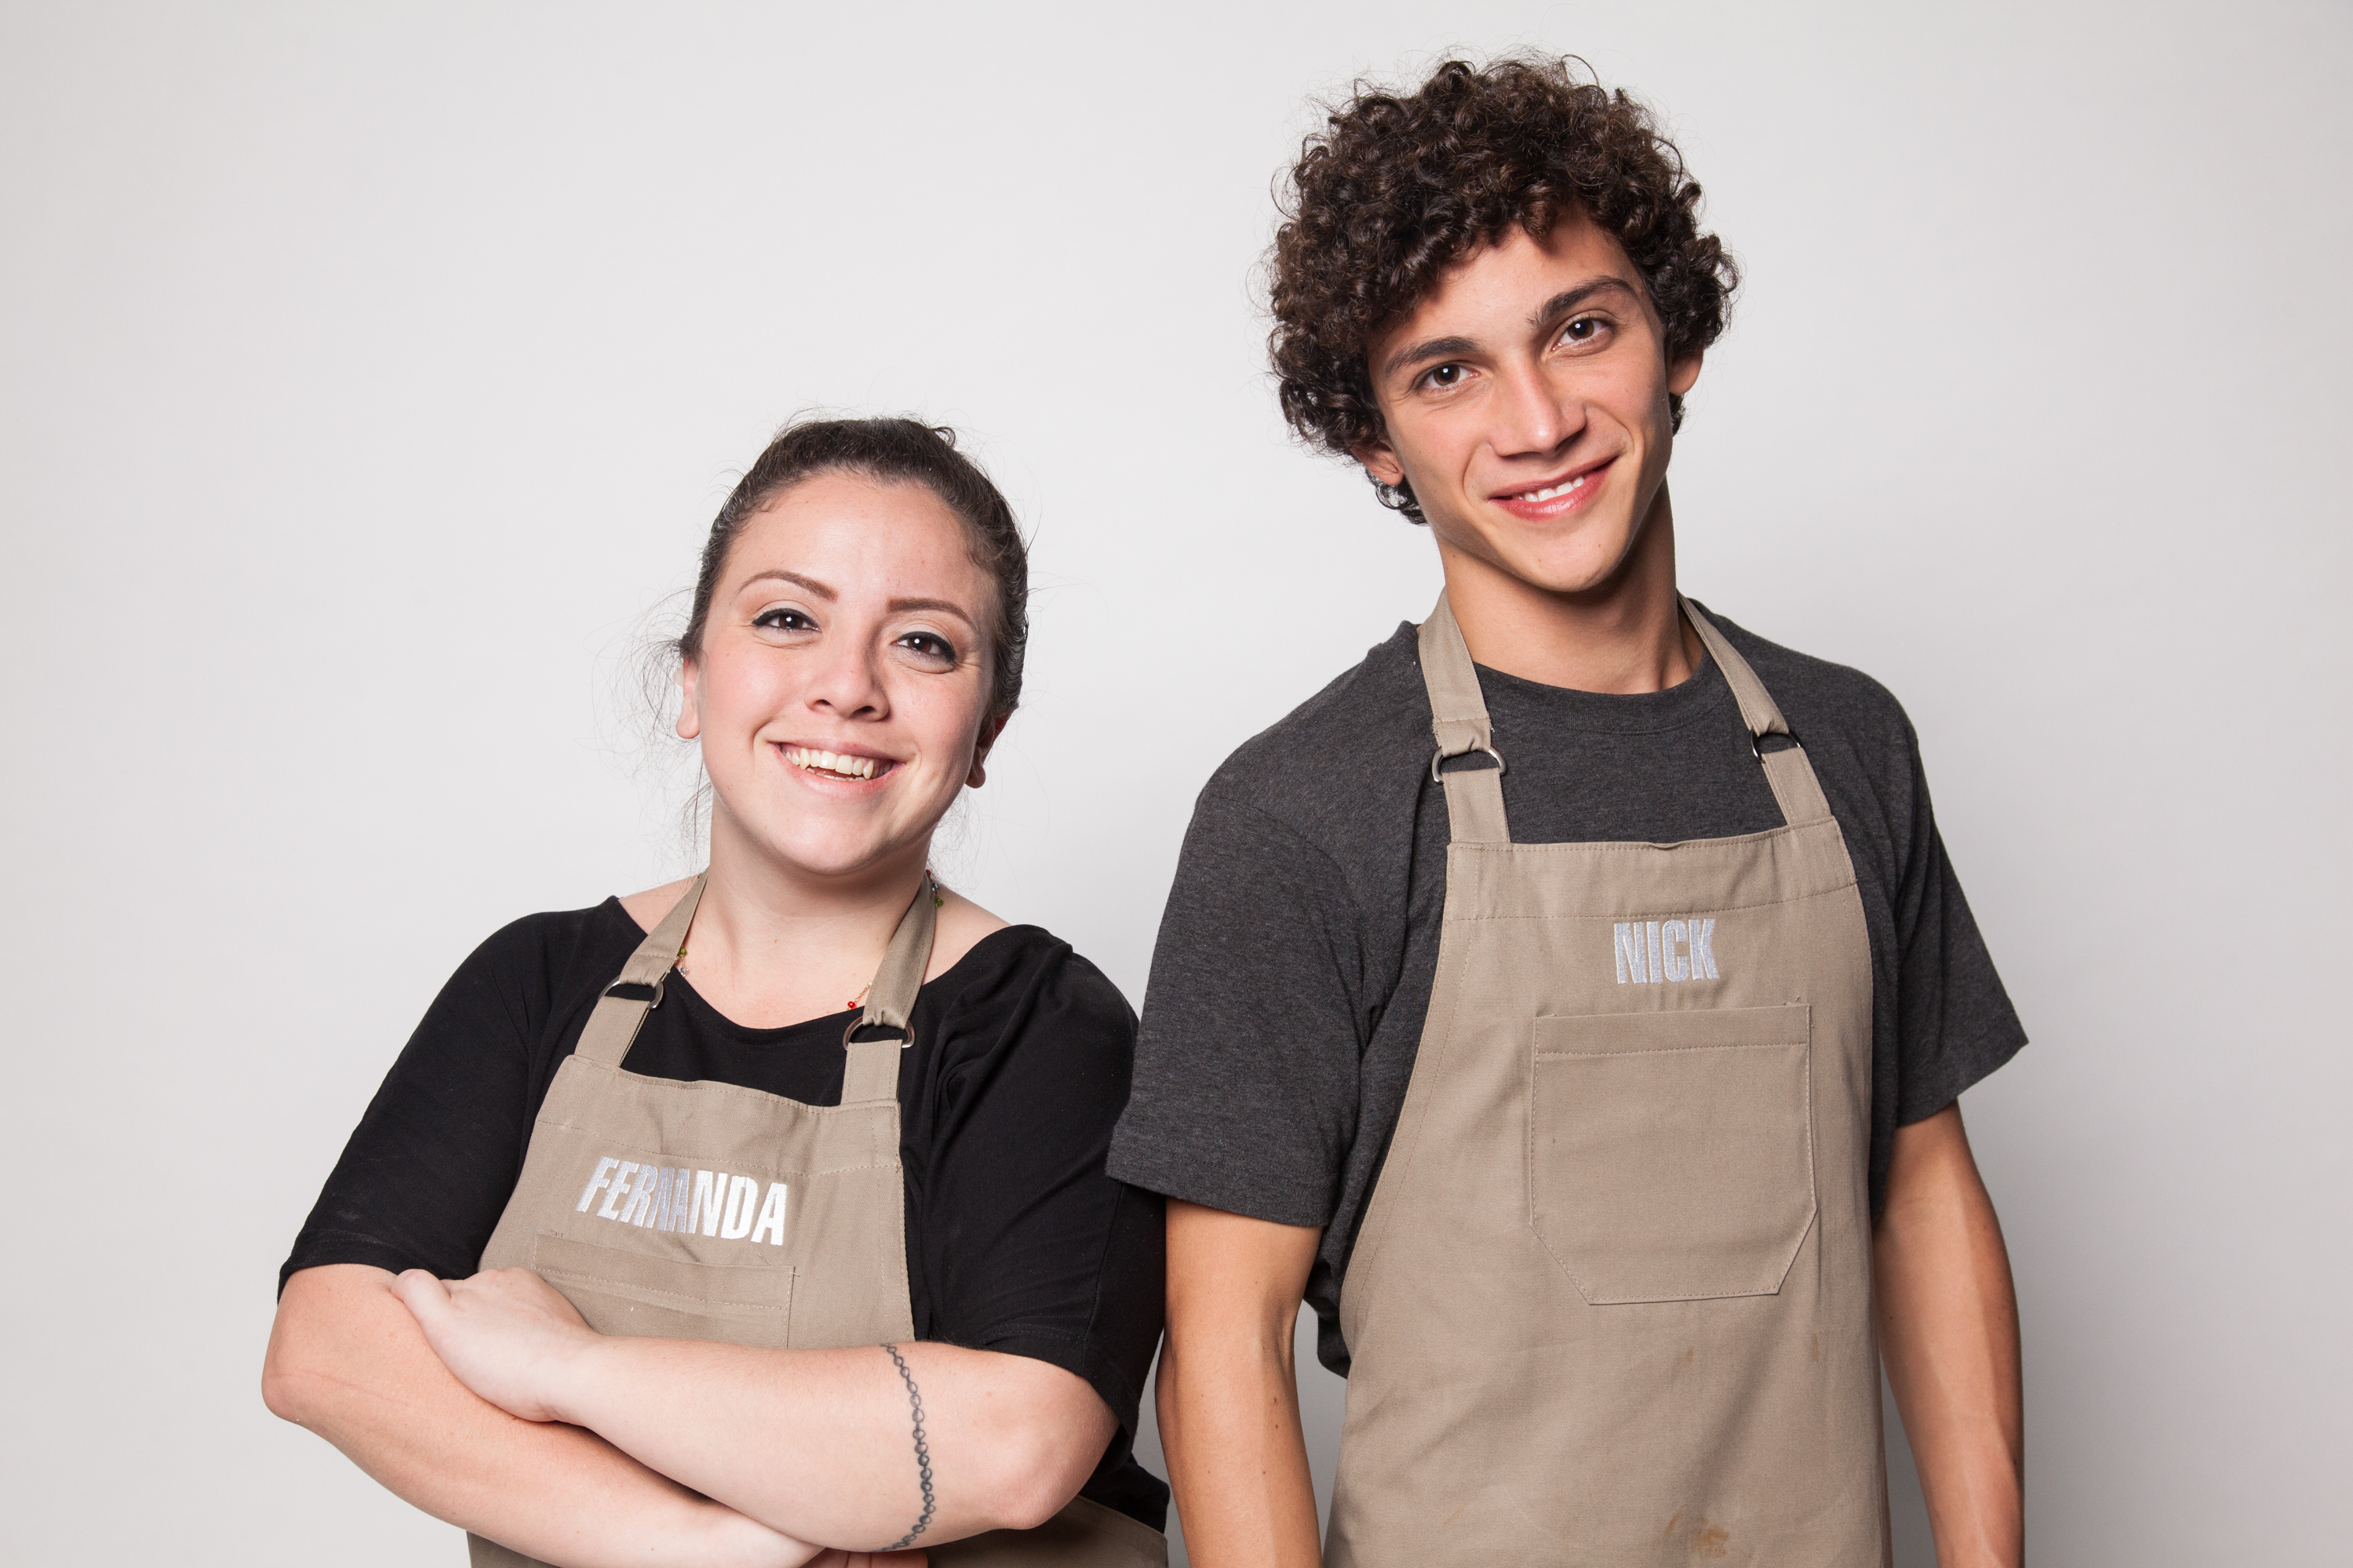 Fernanda e Nick são irmãos